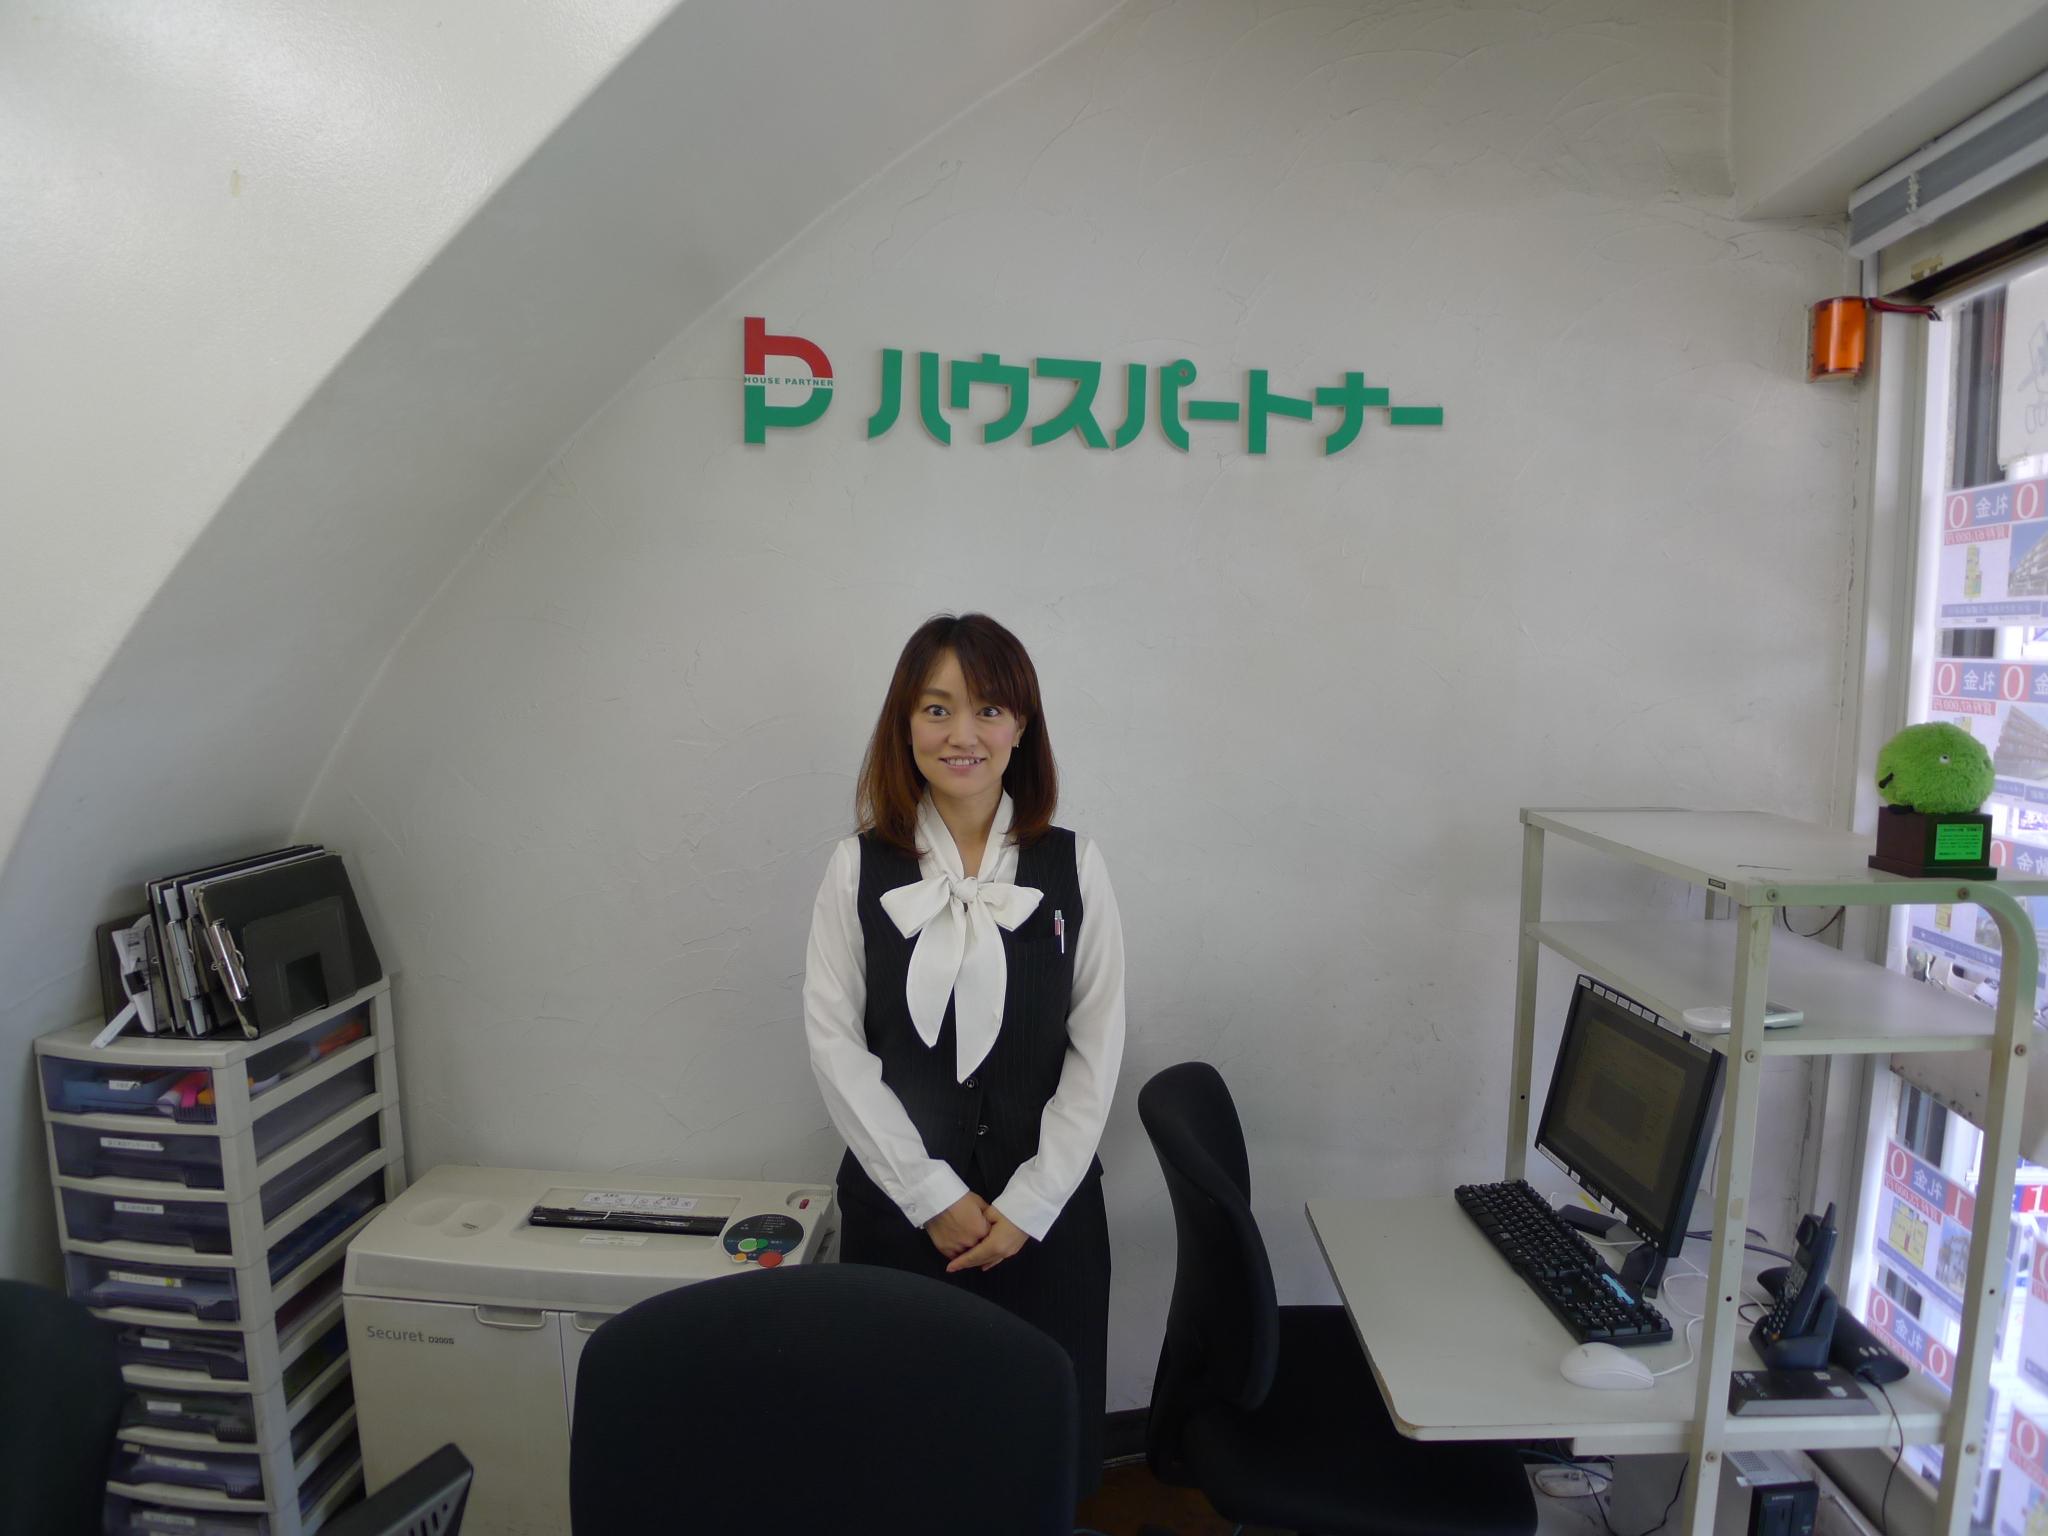 松戸店 米沢事務